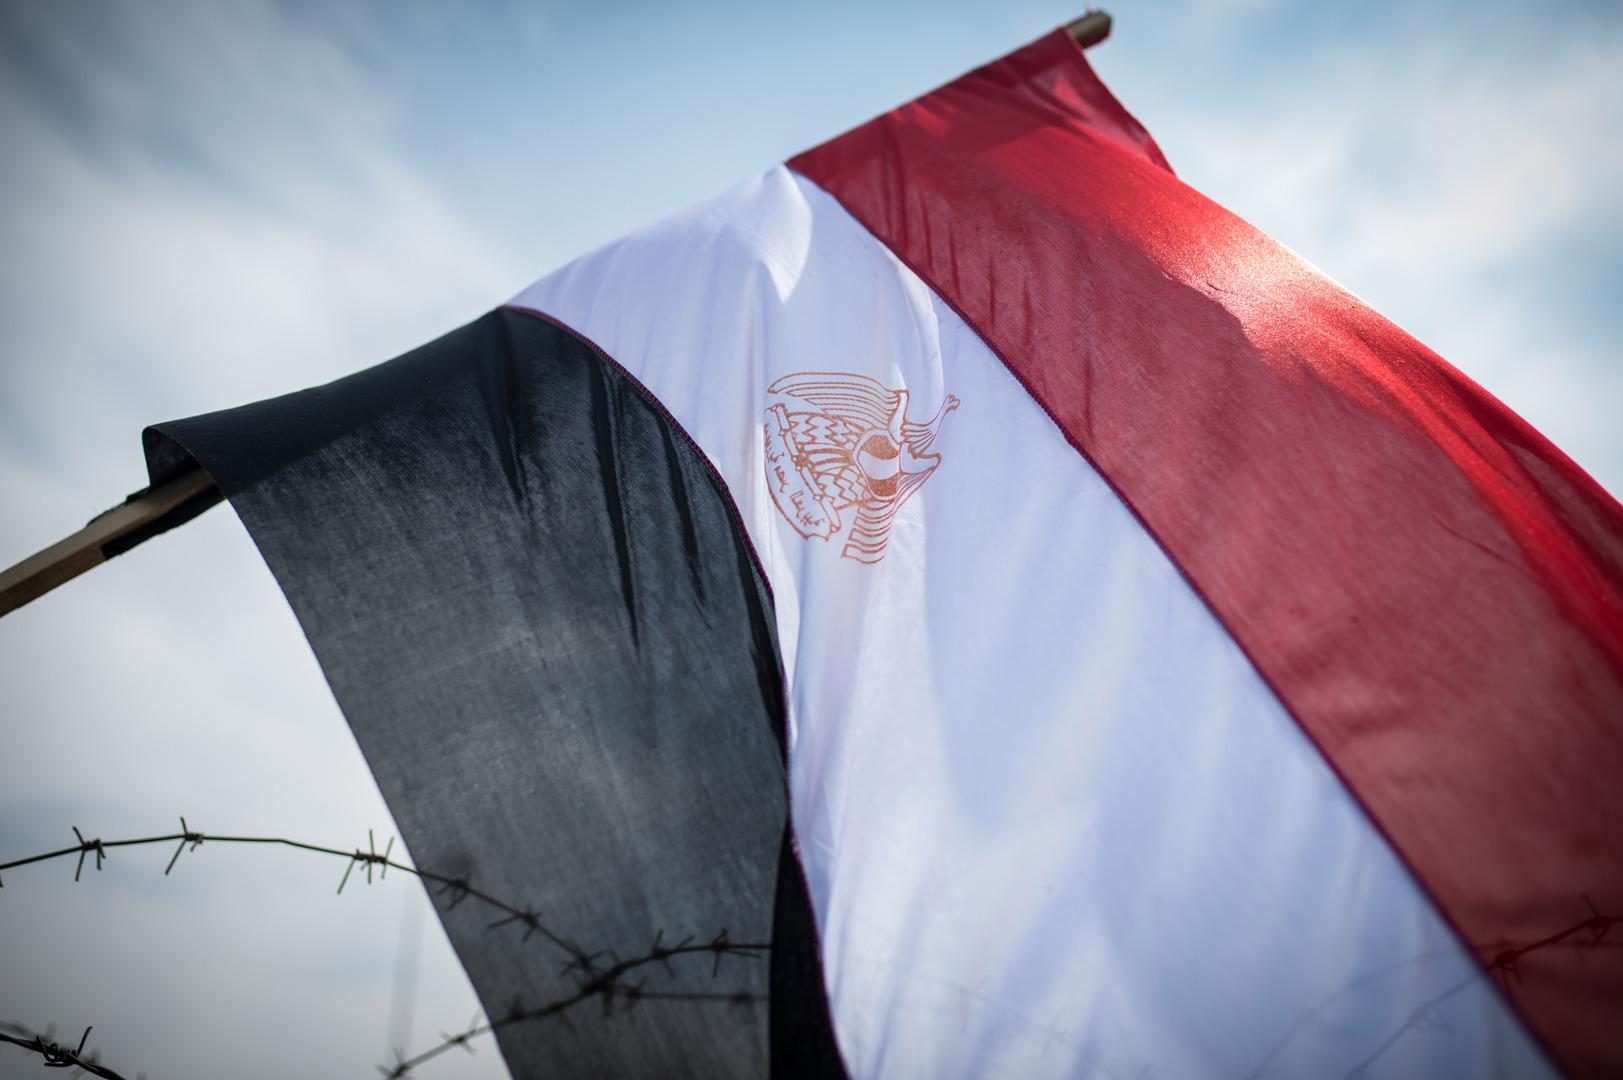 مصر تدعو لإخلاء منطقة الشرق الأوسط من السلاح النووي وتطالب إسرائيل بالالتزام